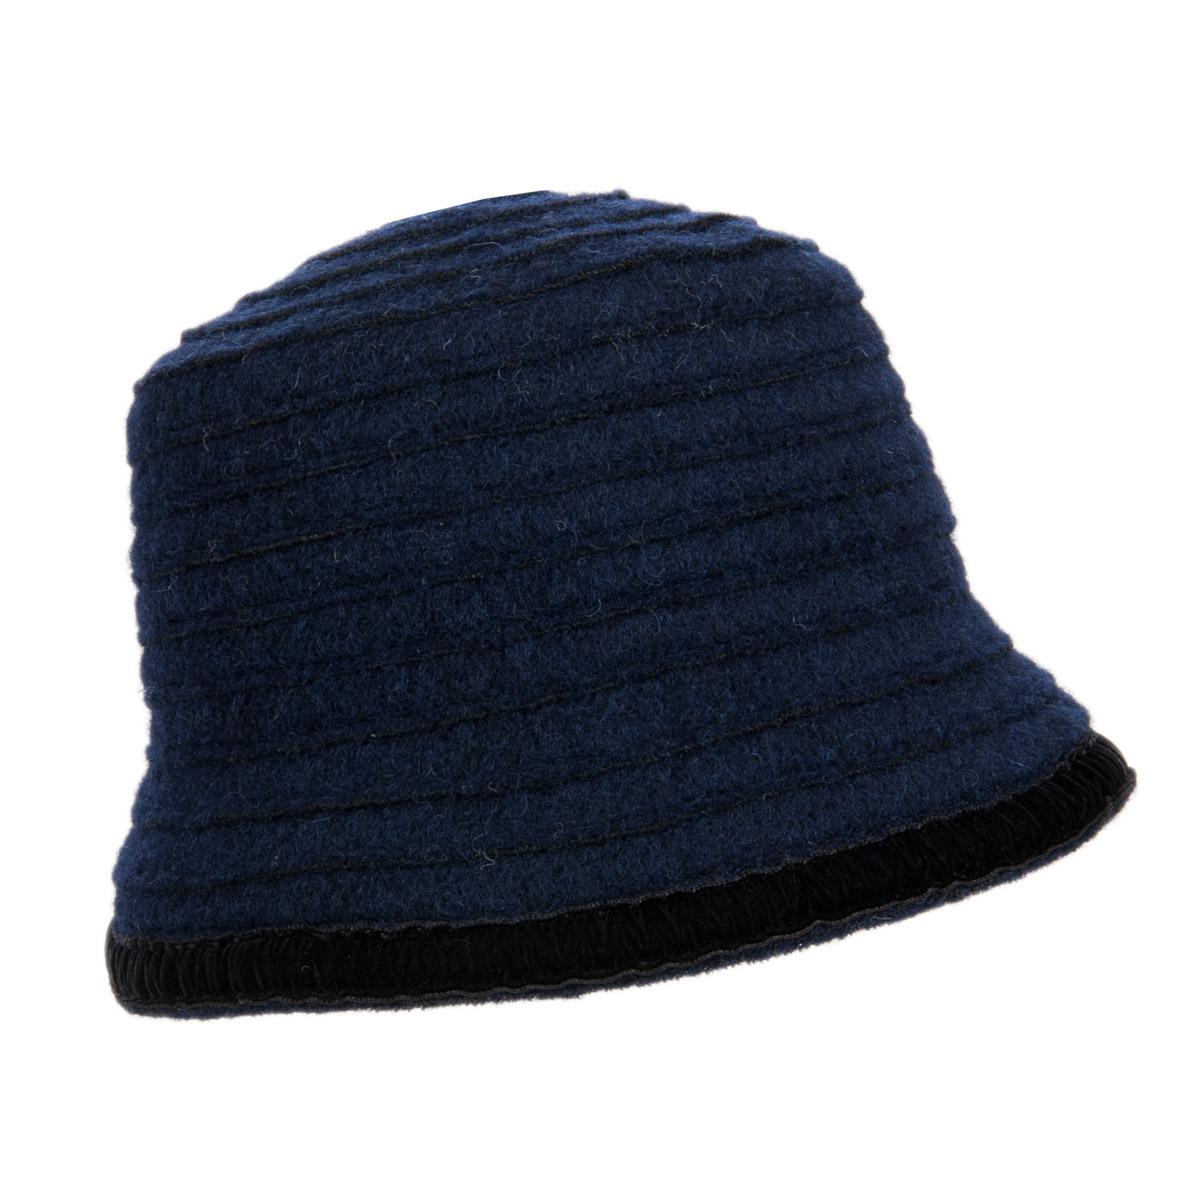 cappello di lana da donna con decorazione in veluto 0ade548001d4